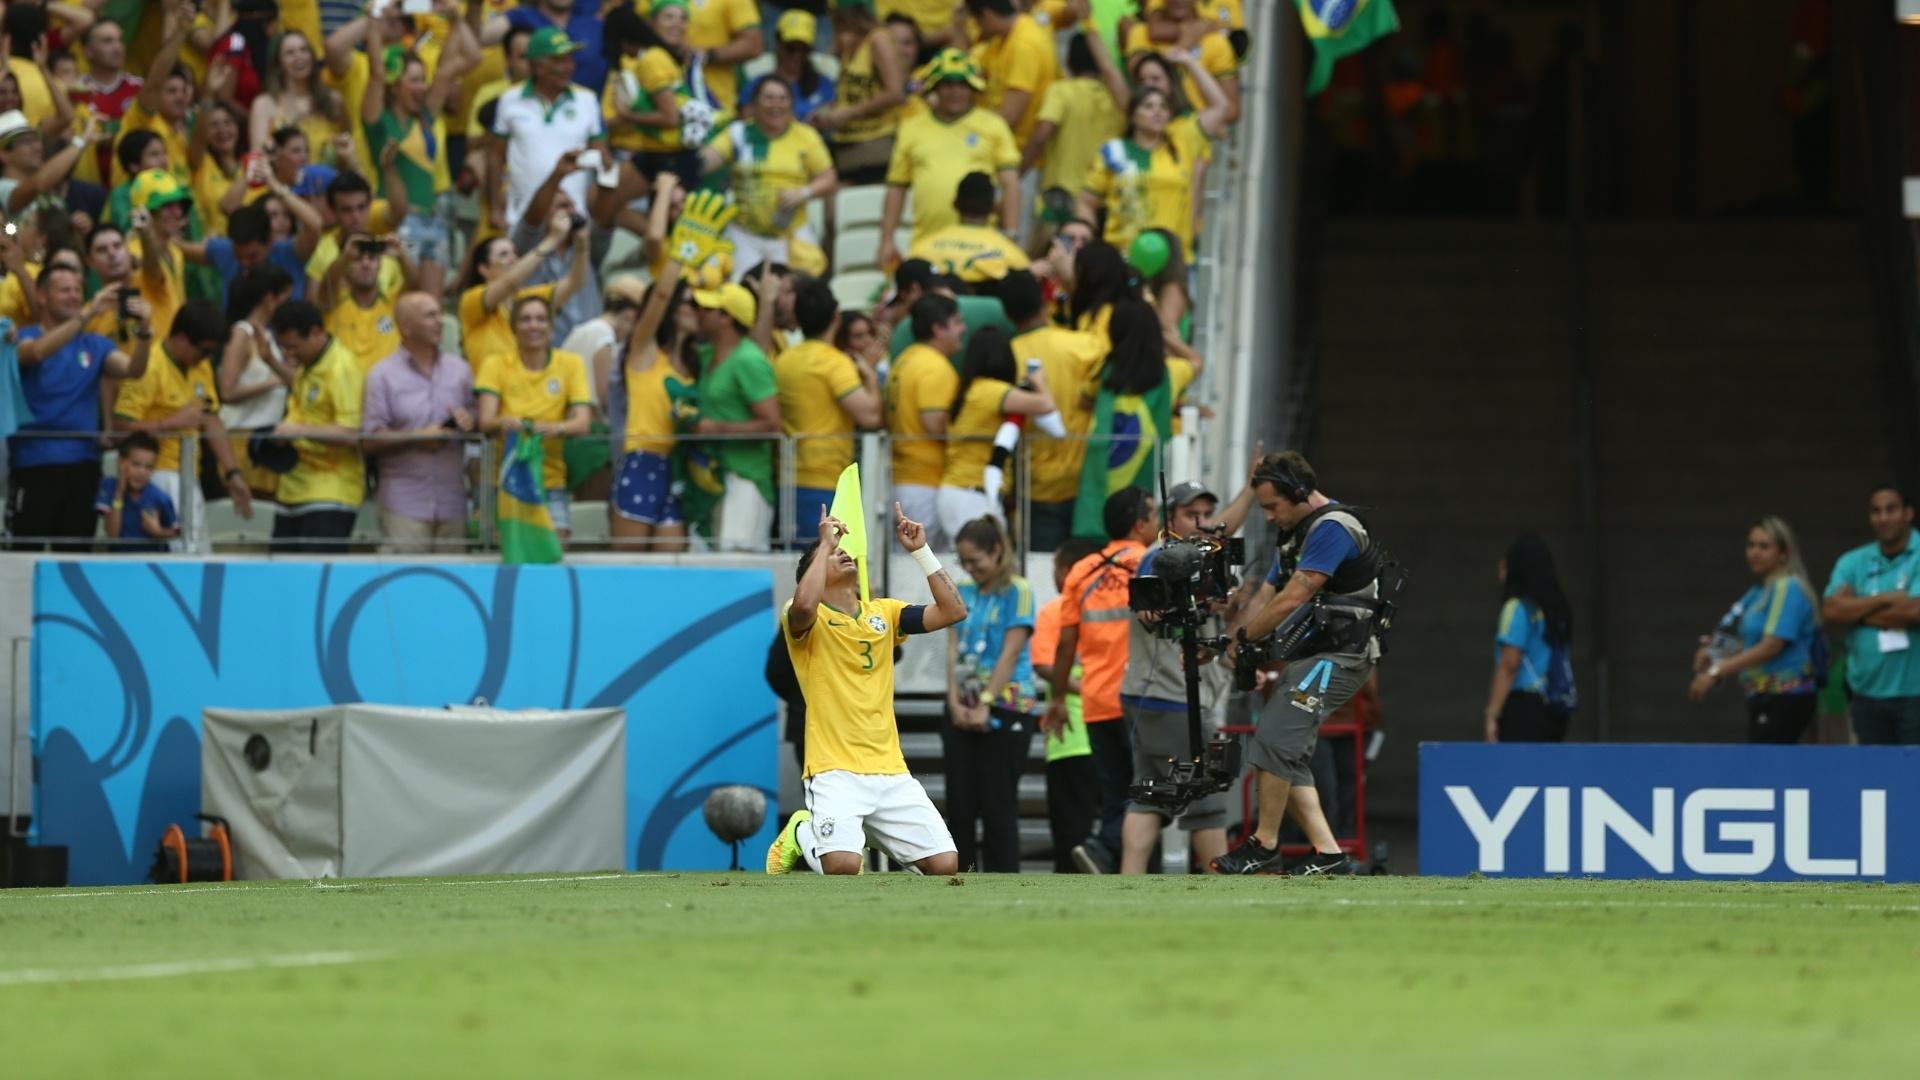 04.jul.2014 - Thiago Silva se ajoelha no gramado e comemora o primeiro gol do Brasil contra a Colômbia, no Castelão